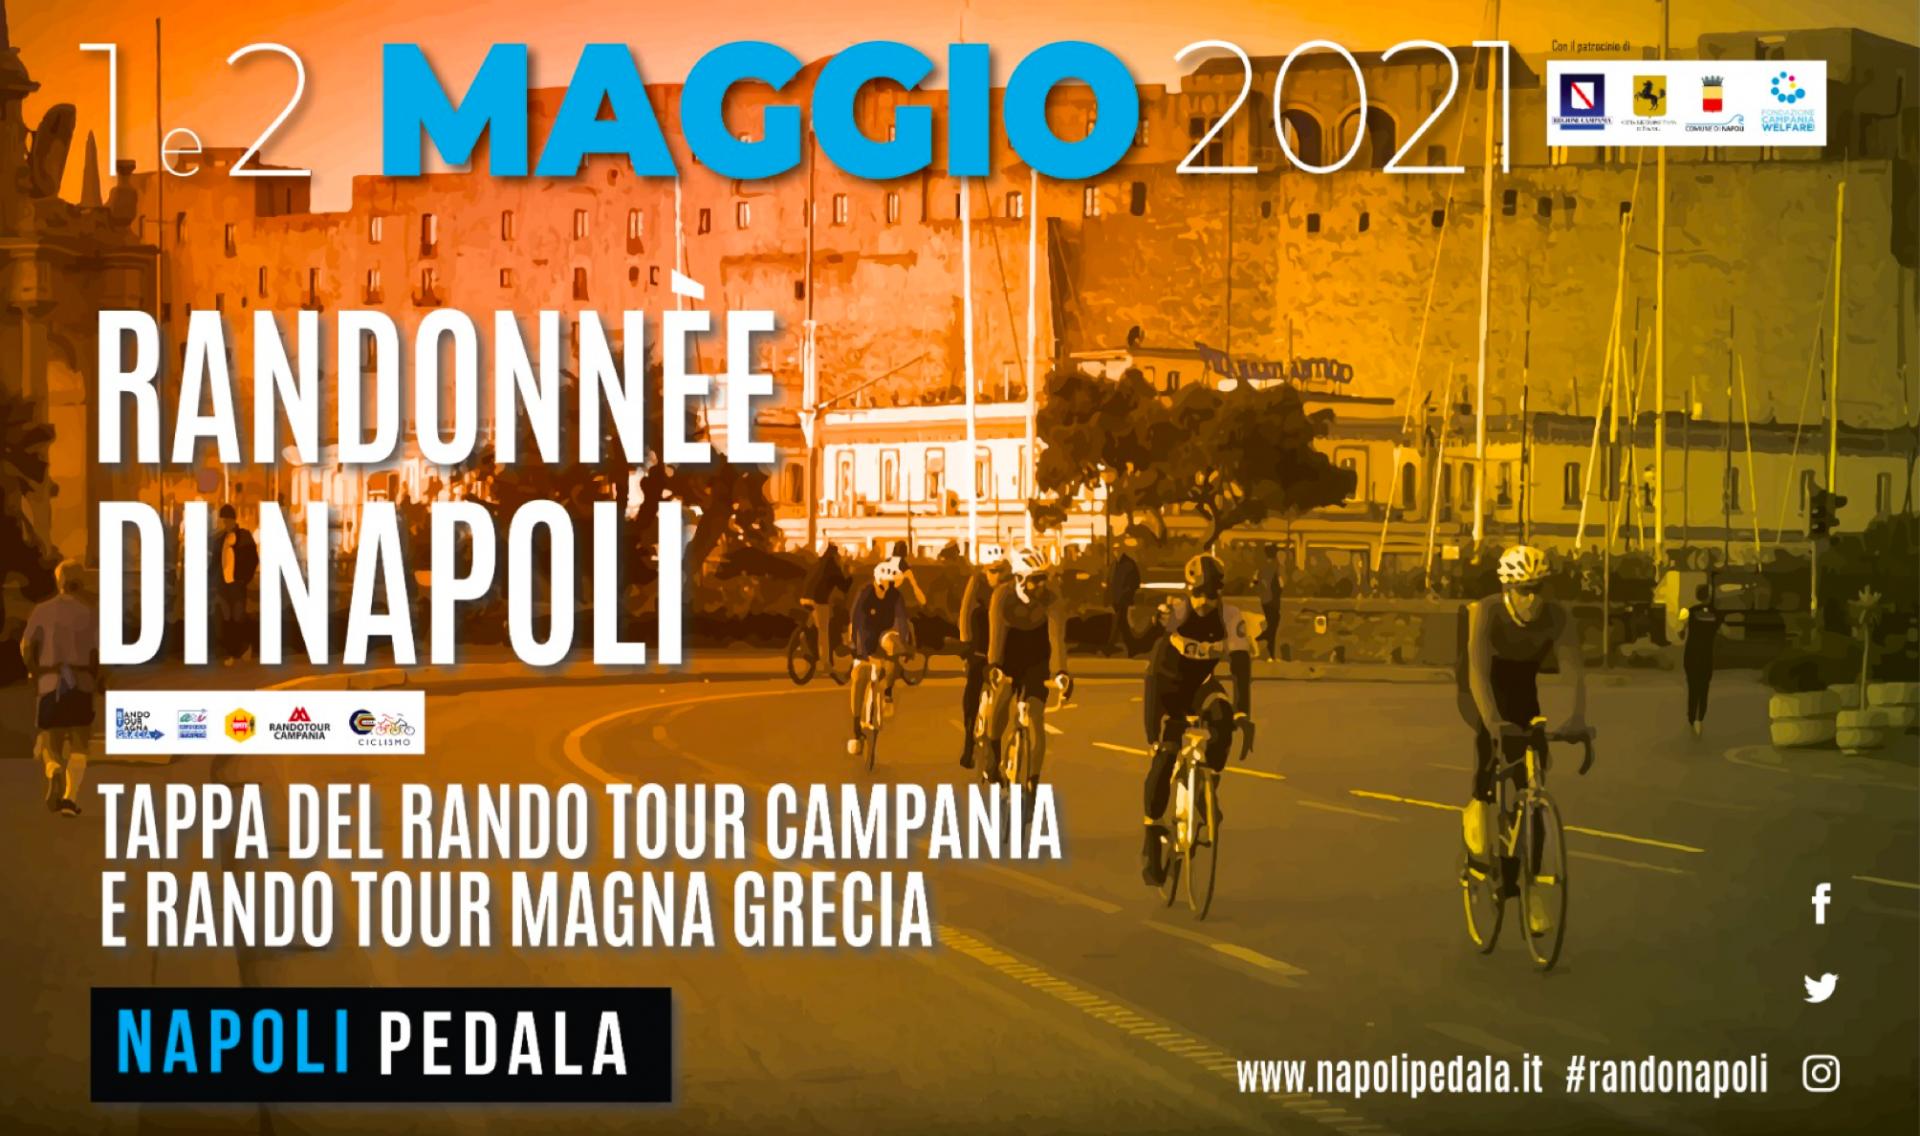 Napoli Bike Festival 2021: 1 e 2 Maggio con la Randonnée di Napoli